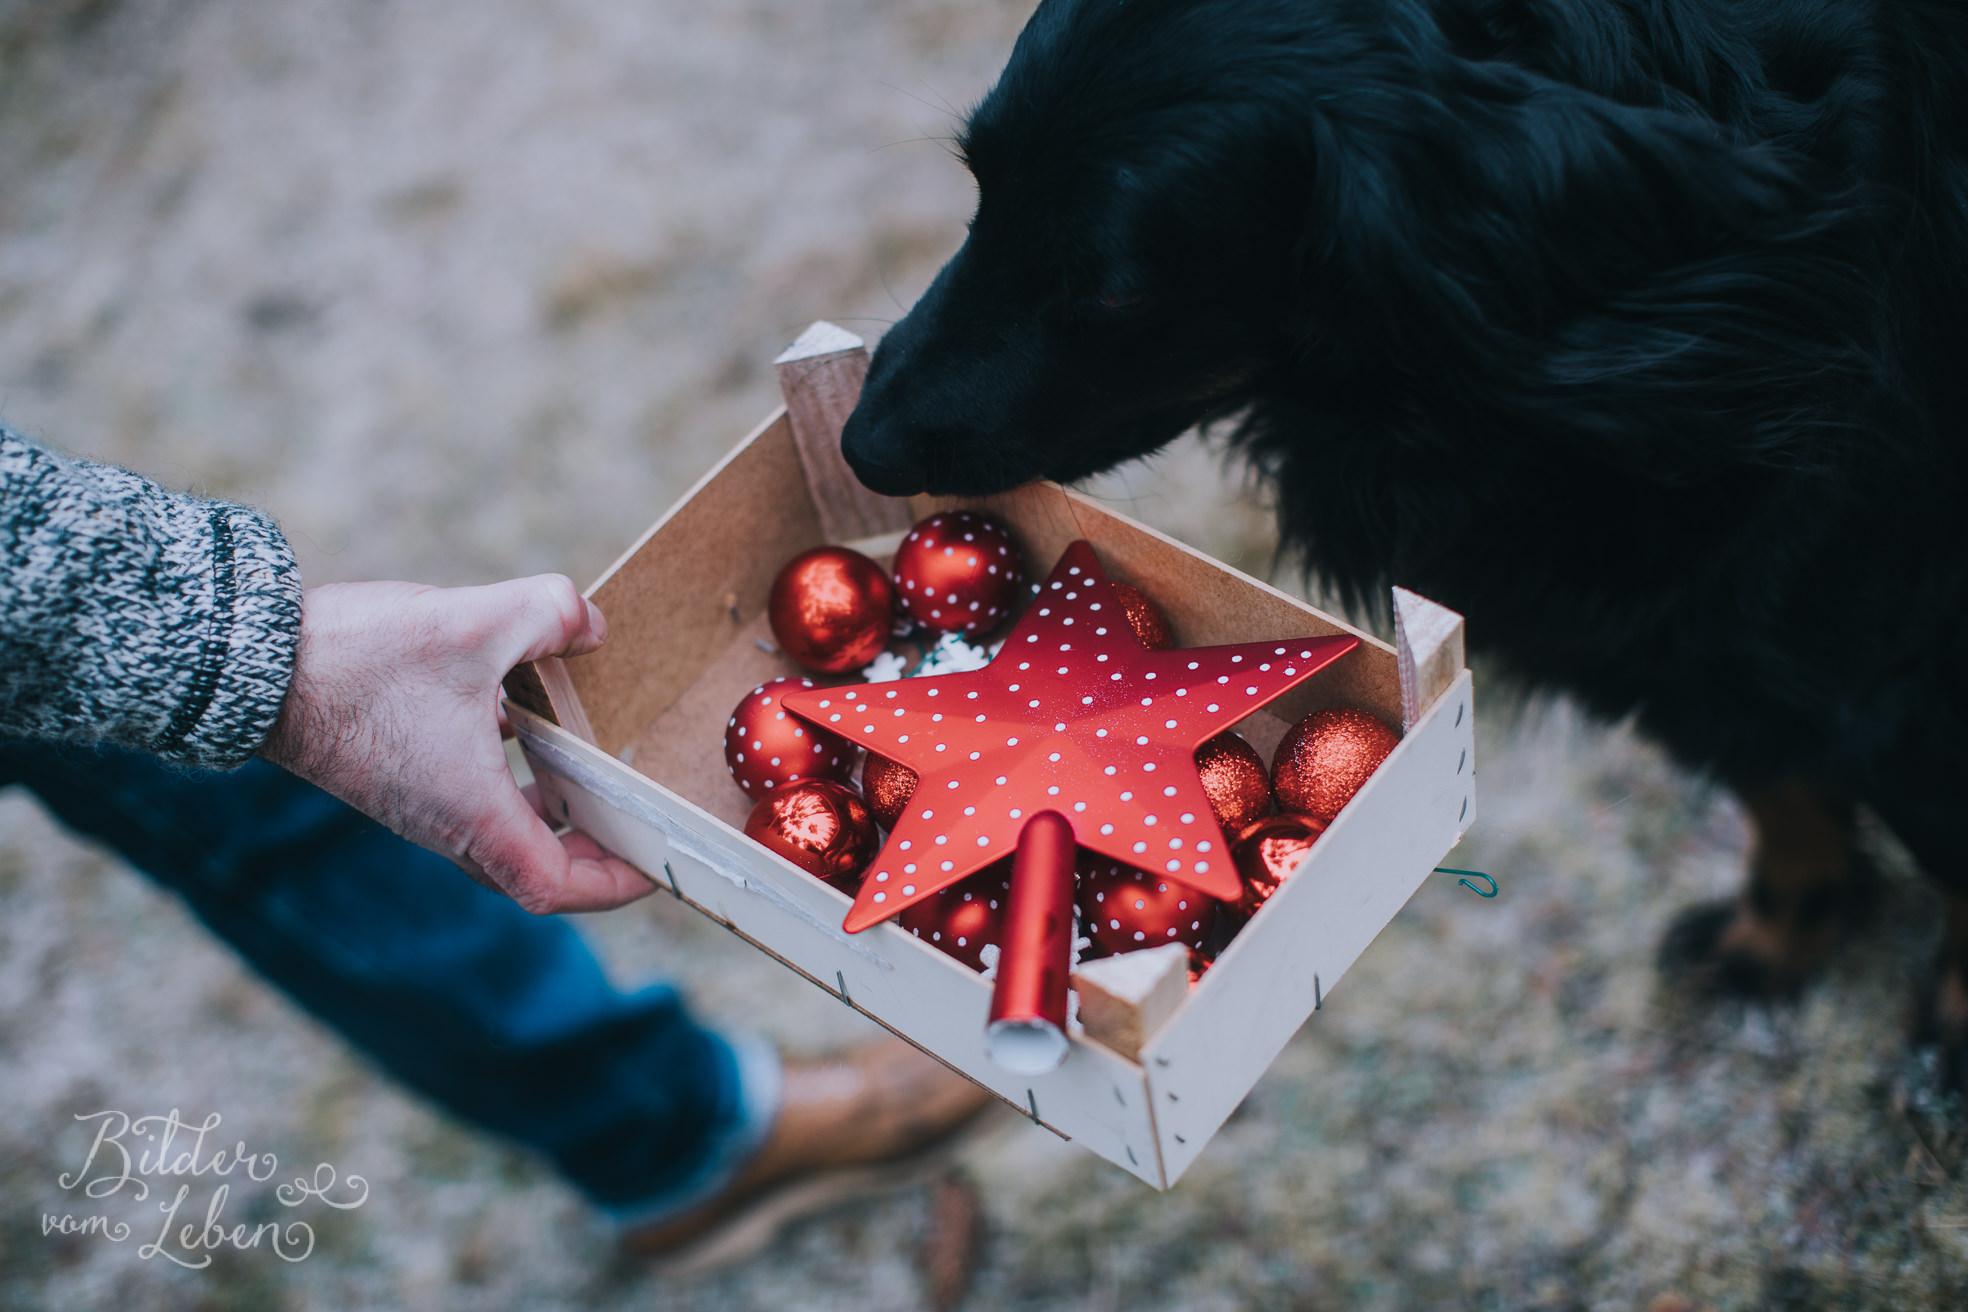 0006weihnachten-bildervomleben-imc39447